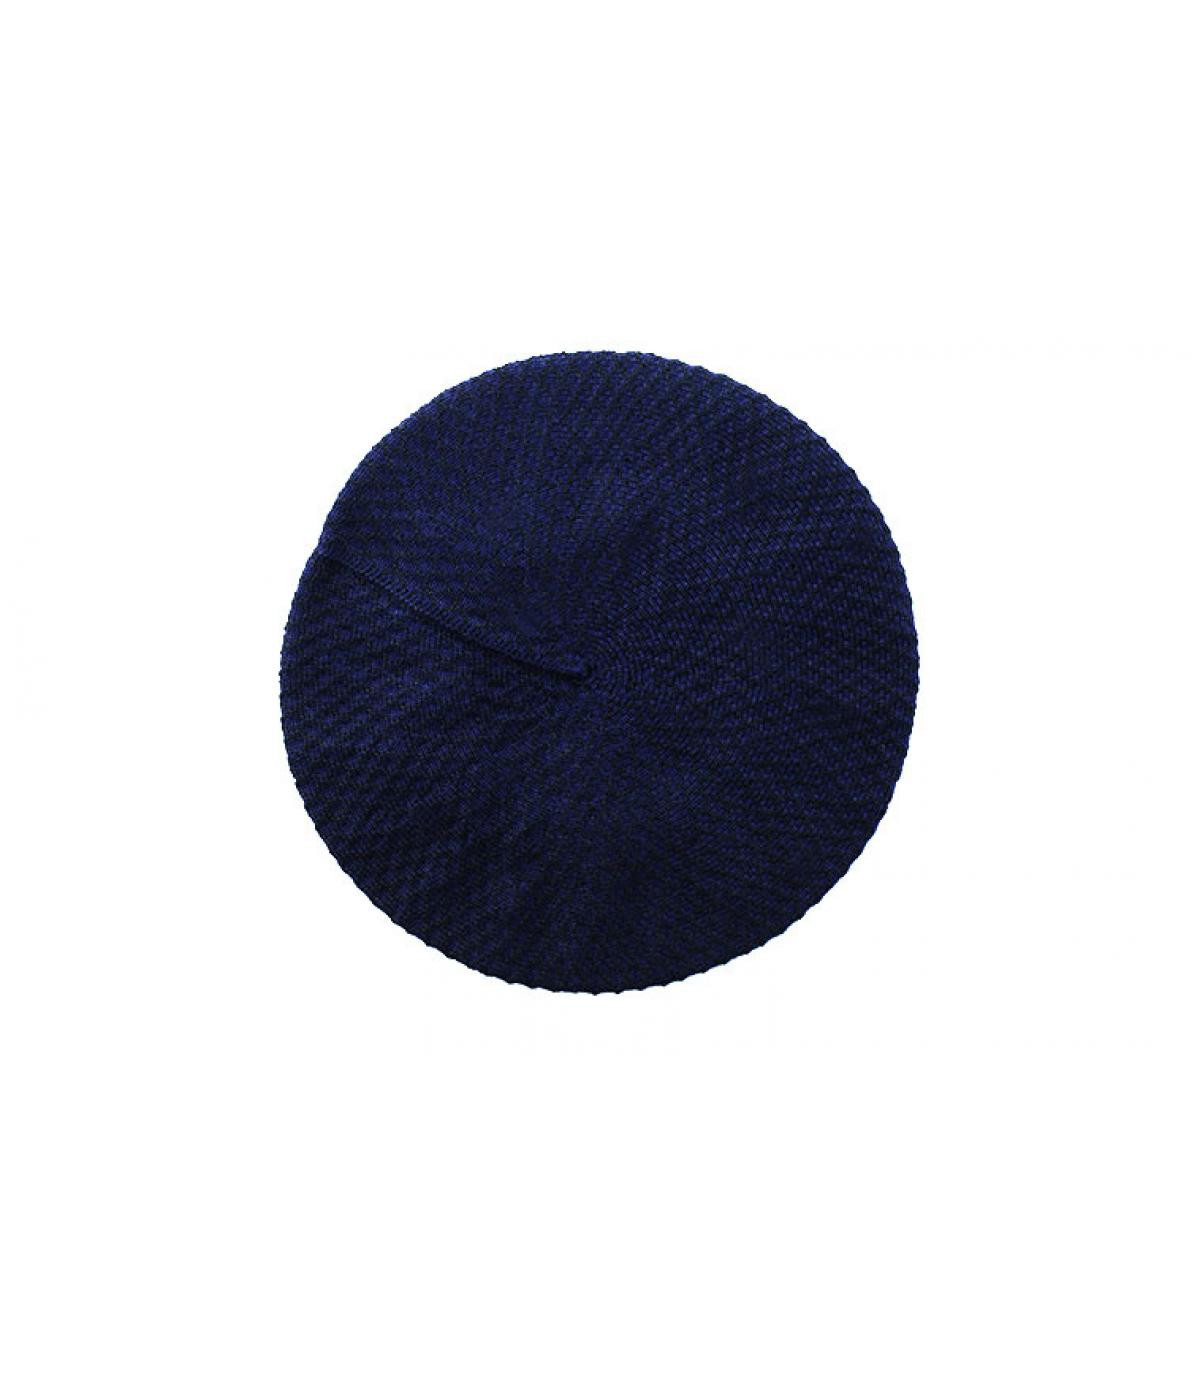 Héritage par Laulhère. boina azul de algodón Laulhère. Detalles Béret  Cotton midnight imagen 3  Detalles Béret Cotton midnight imagen ... 259ec8bc43b